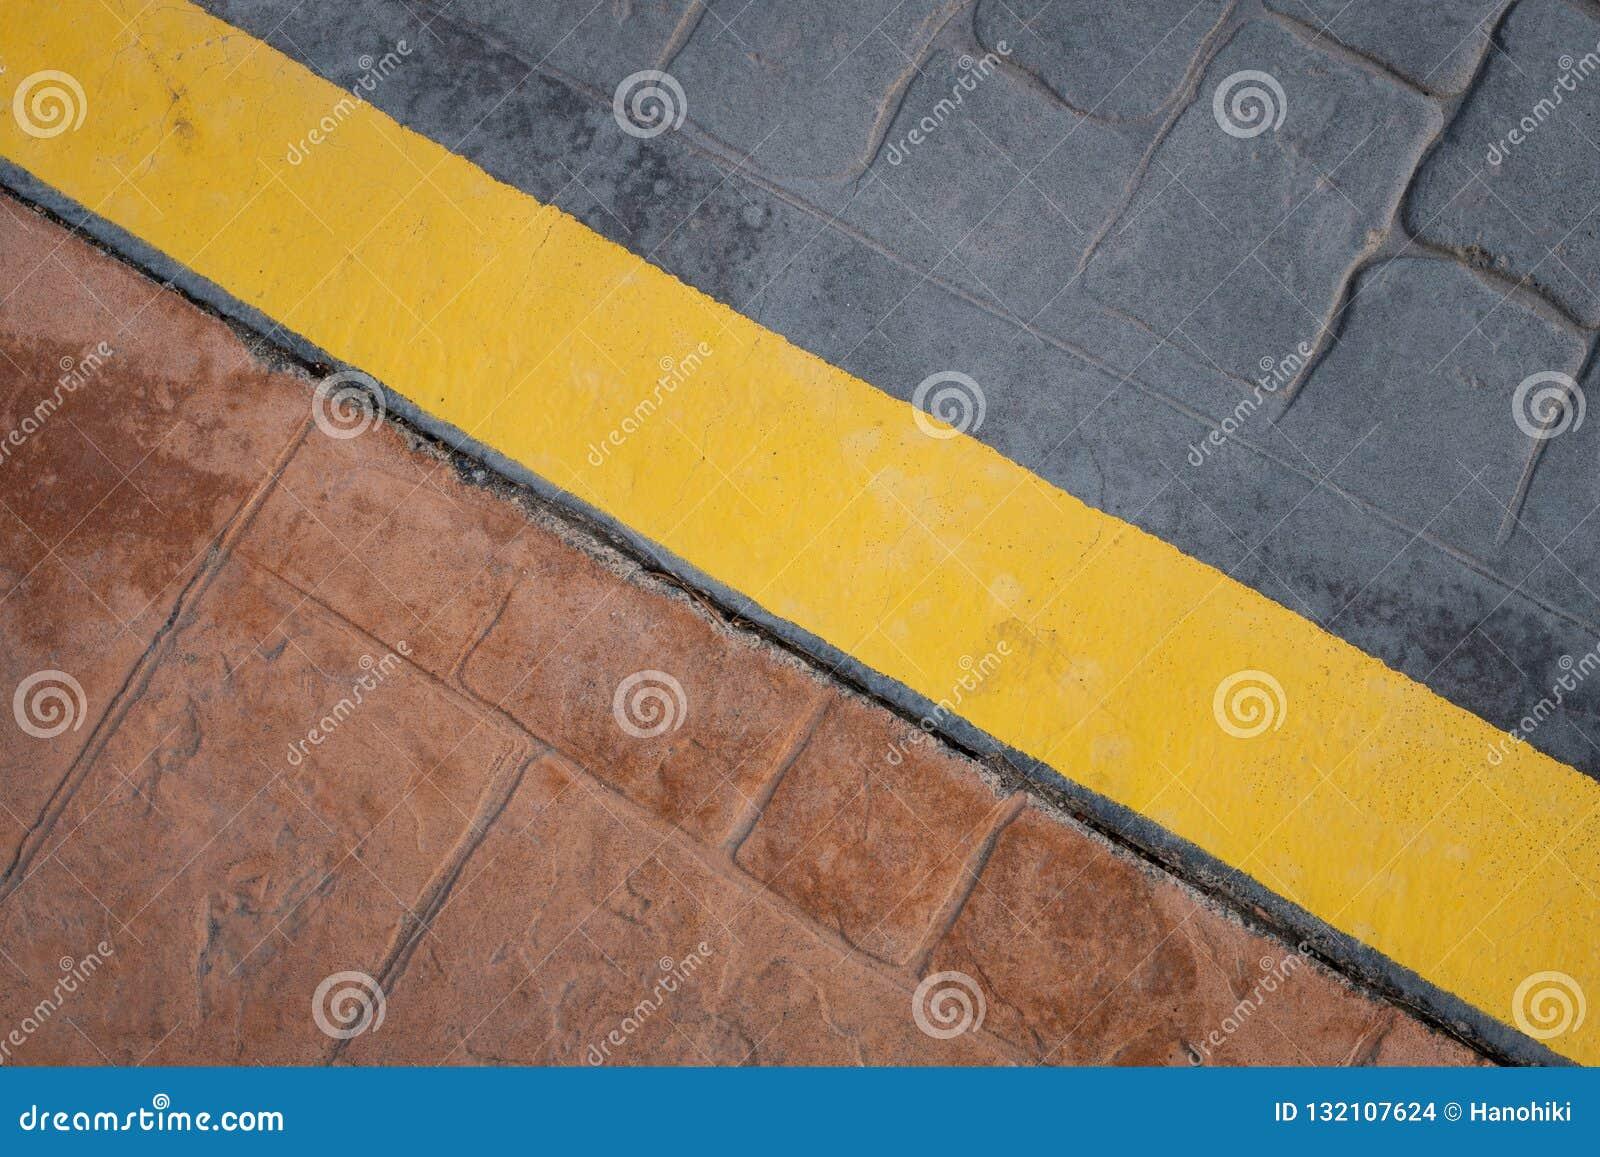 路,在地板-抽象背景上的边路边界黄线